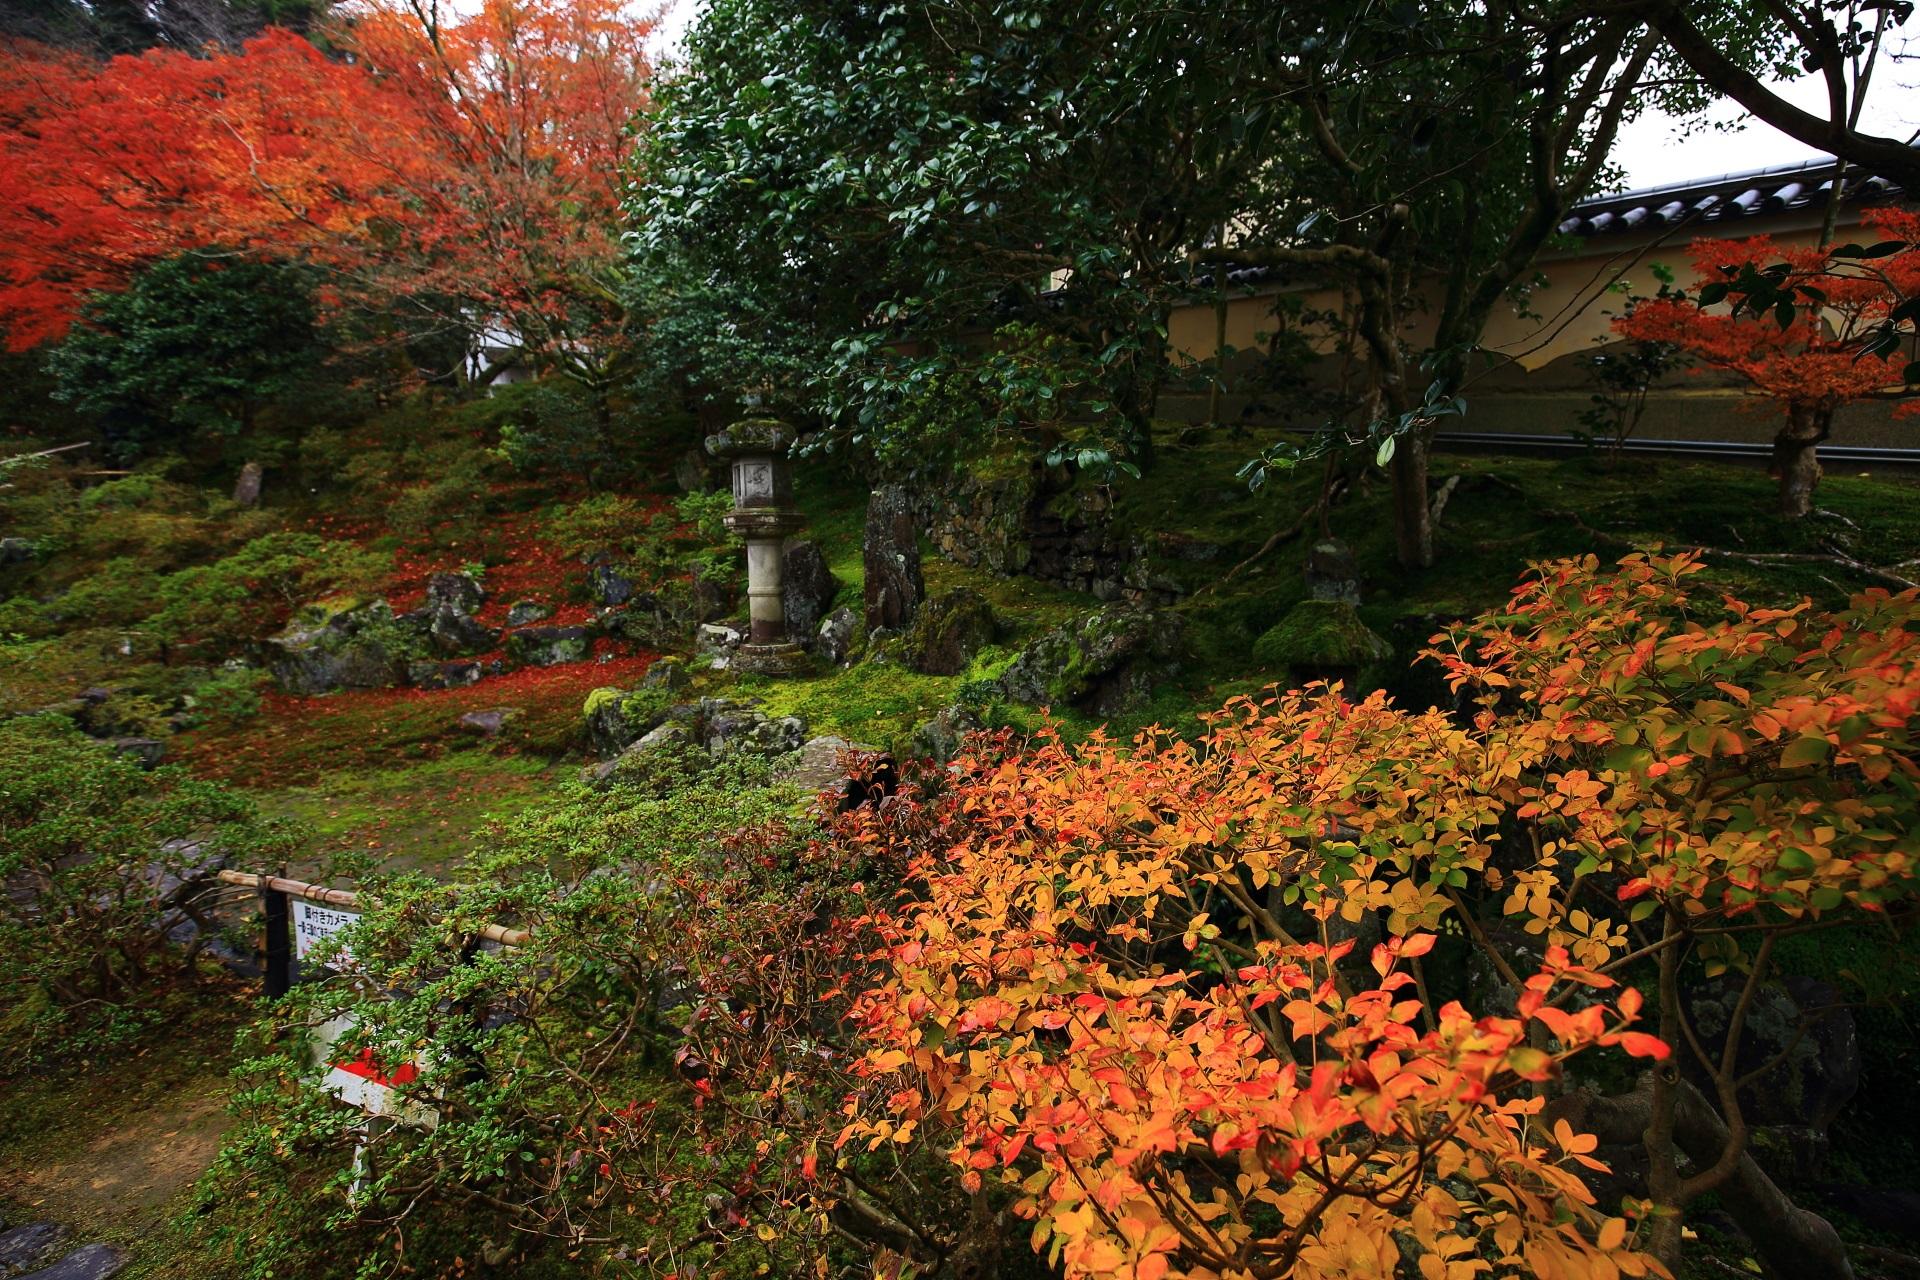 庭園を華やぐ多彩な彩り